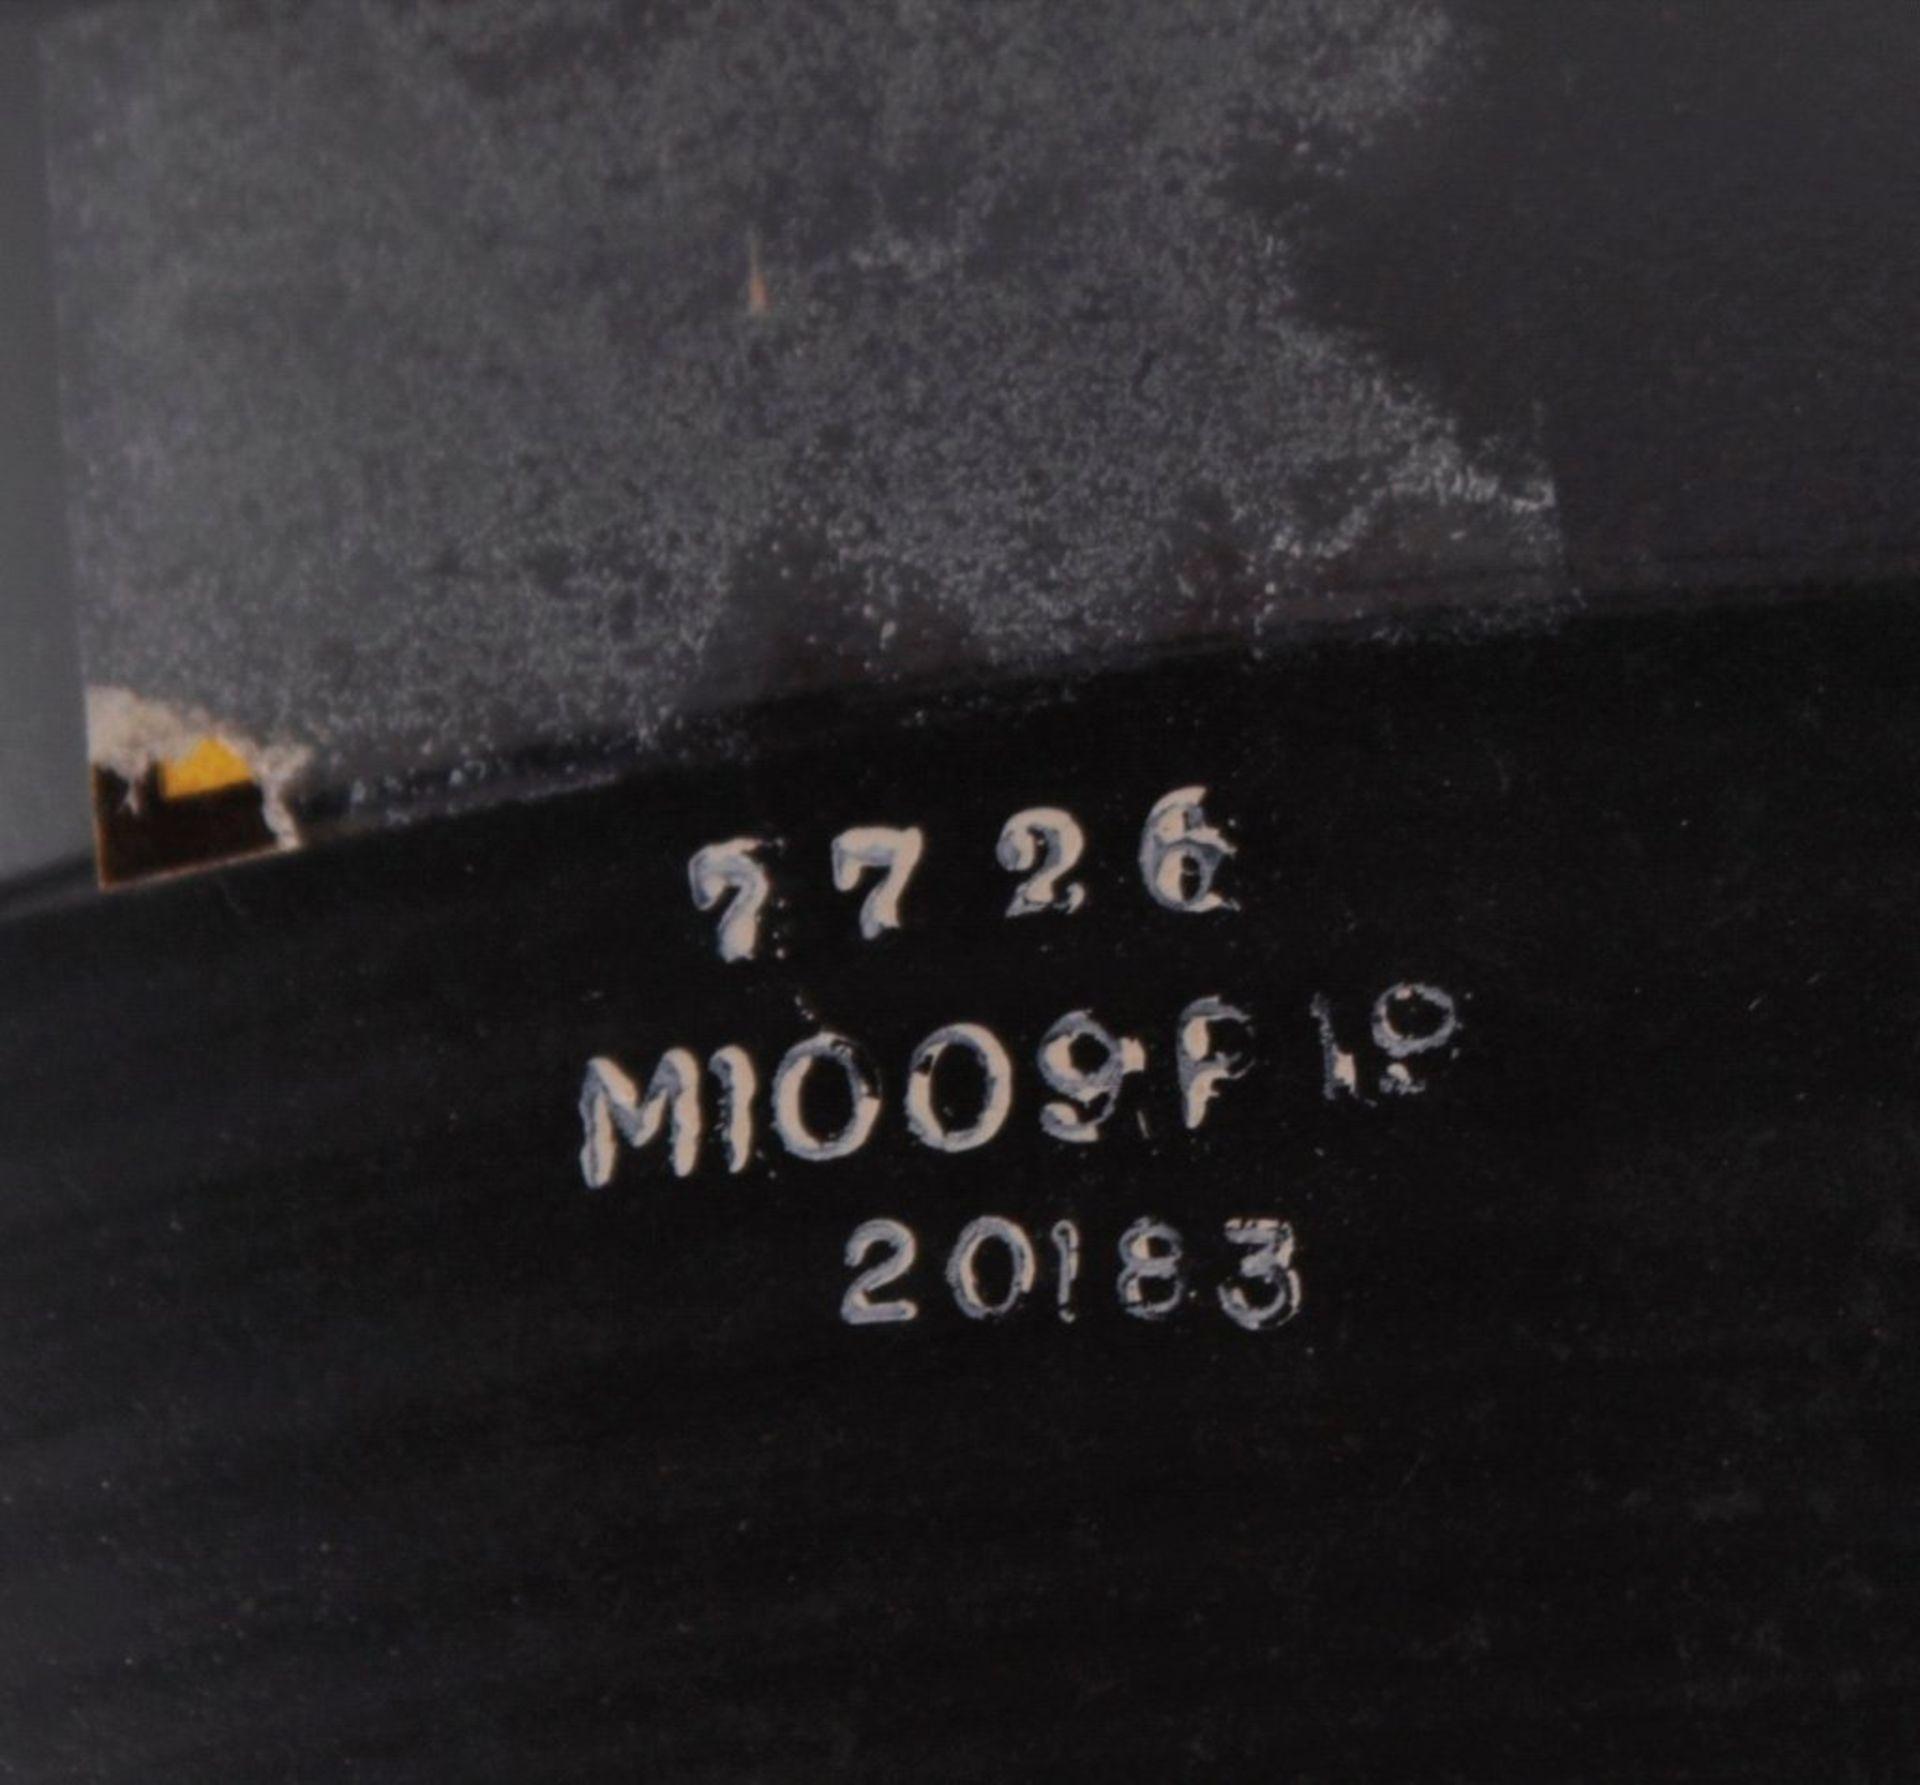 Sehr großes LeuchtmittelNummeriert 776 - M1009P19 - 20183, ca. D-29 cm (unten), H-58cm - Bild 3 aus 4